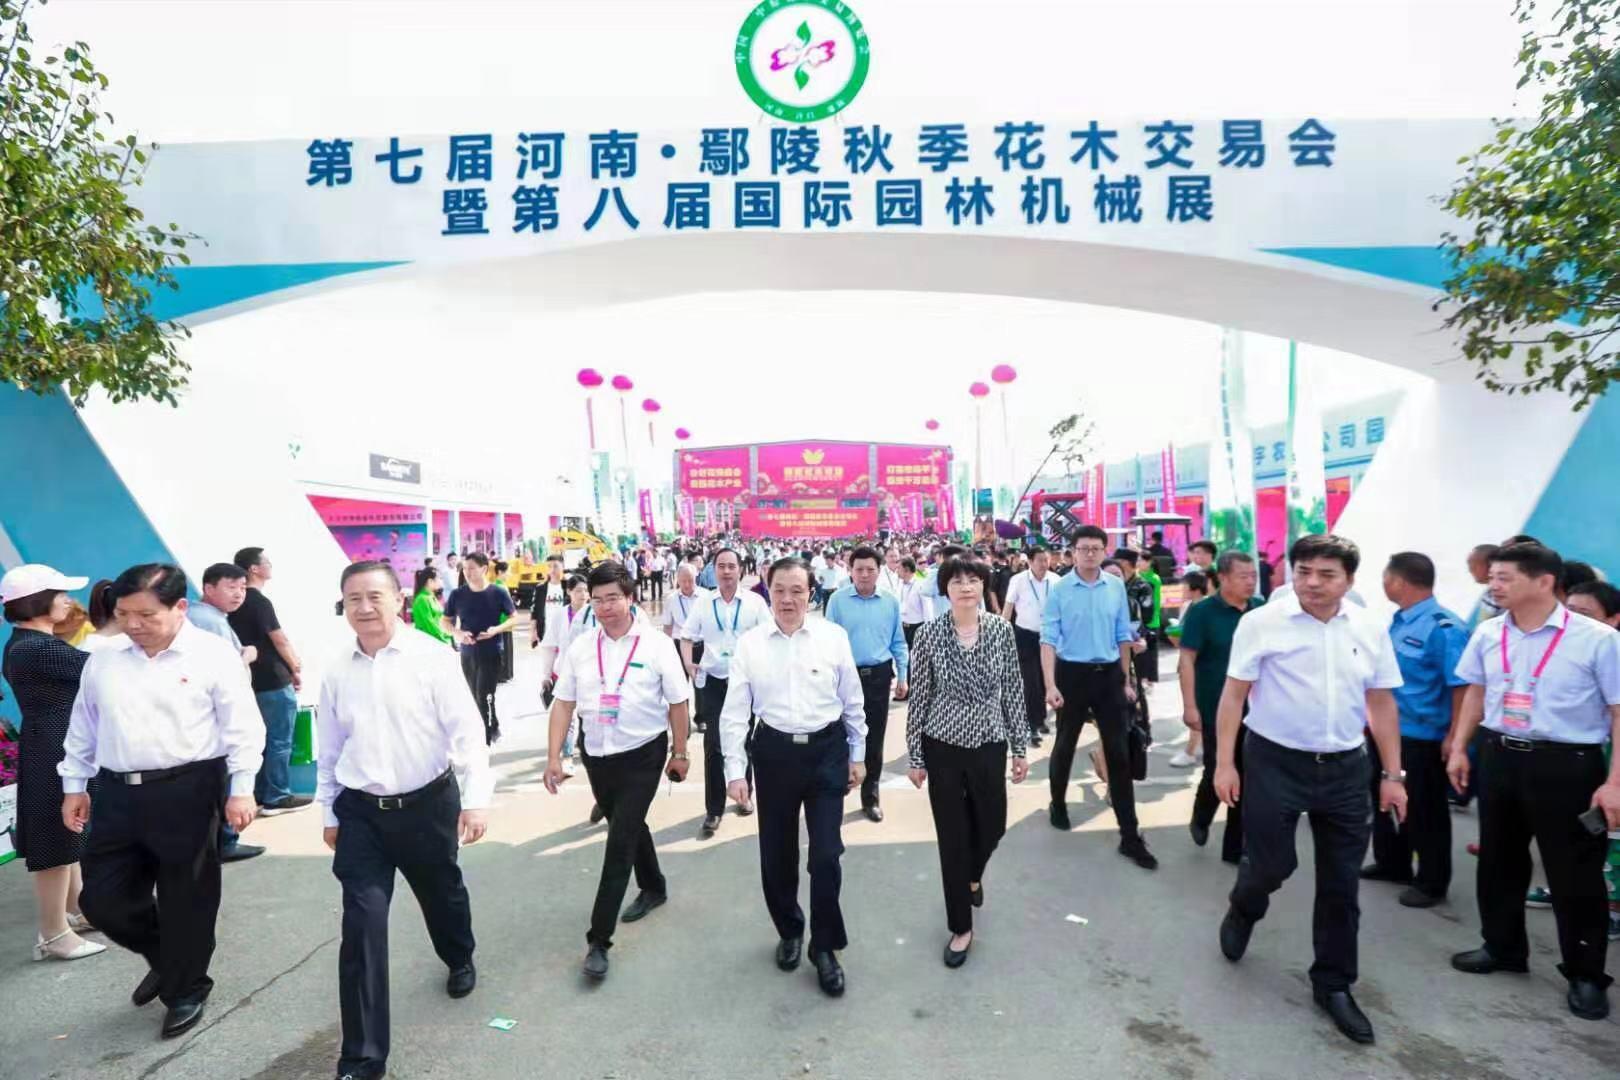 第十九届中国·中原花木交易博览会隆重开幕